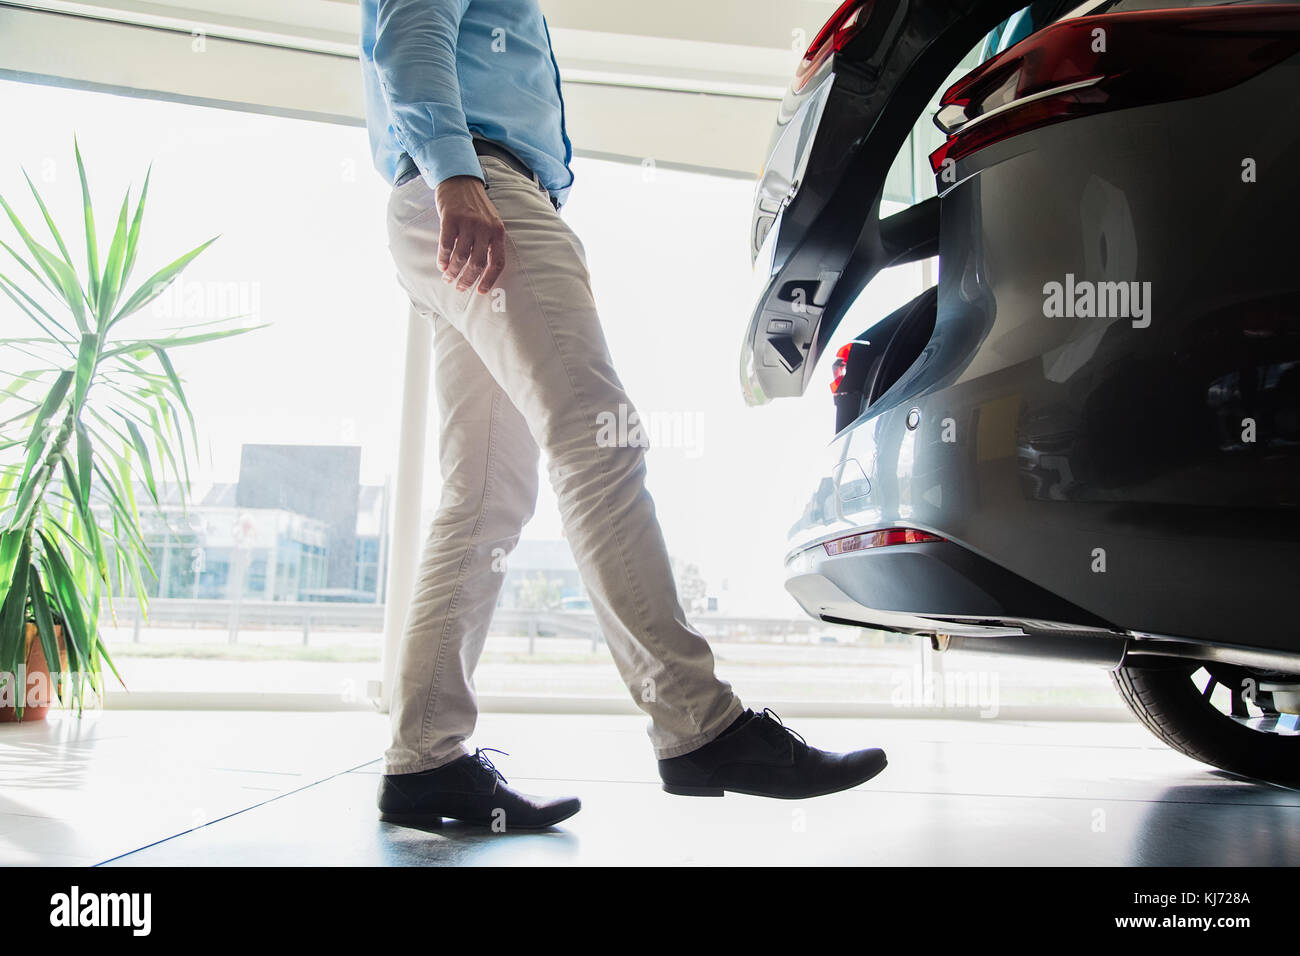 Cerca del macho adulto piernas abriendo la puerta de un automóvil con el movimiento de las piernas, sin tener que utilizar la llave del auto, tomadas en interiores en el concesionario de coches Foto de stock